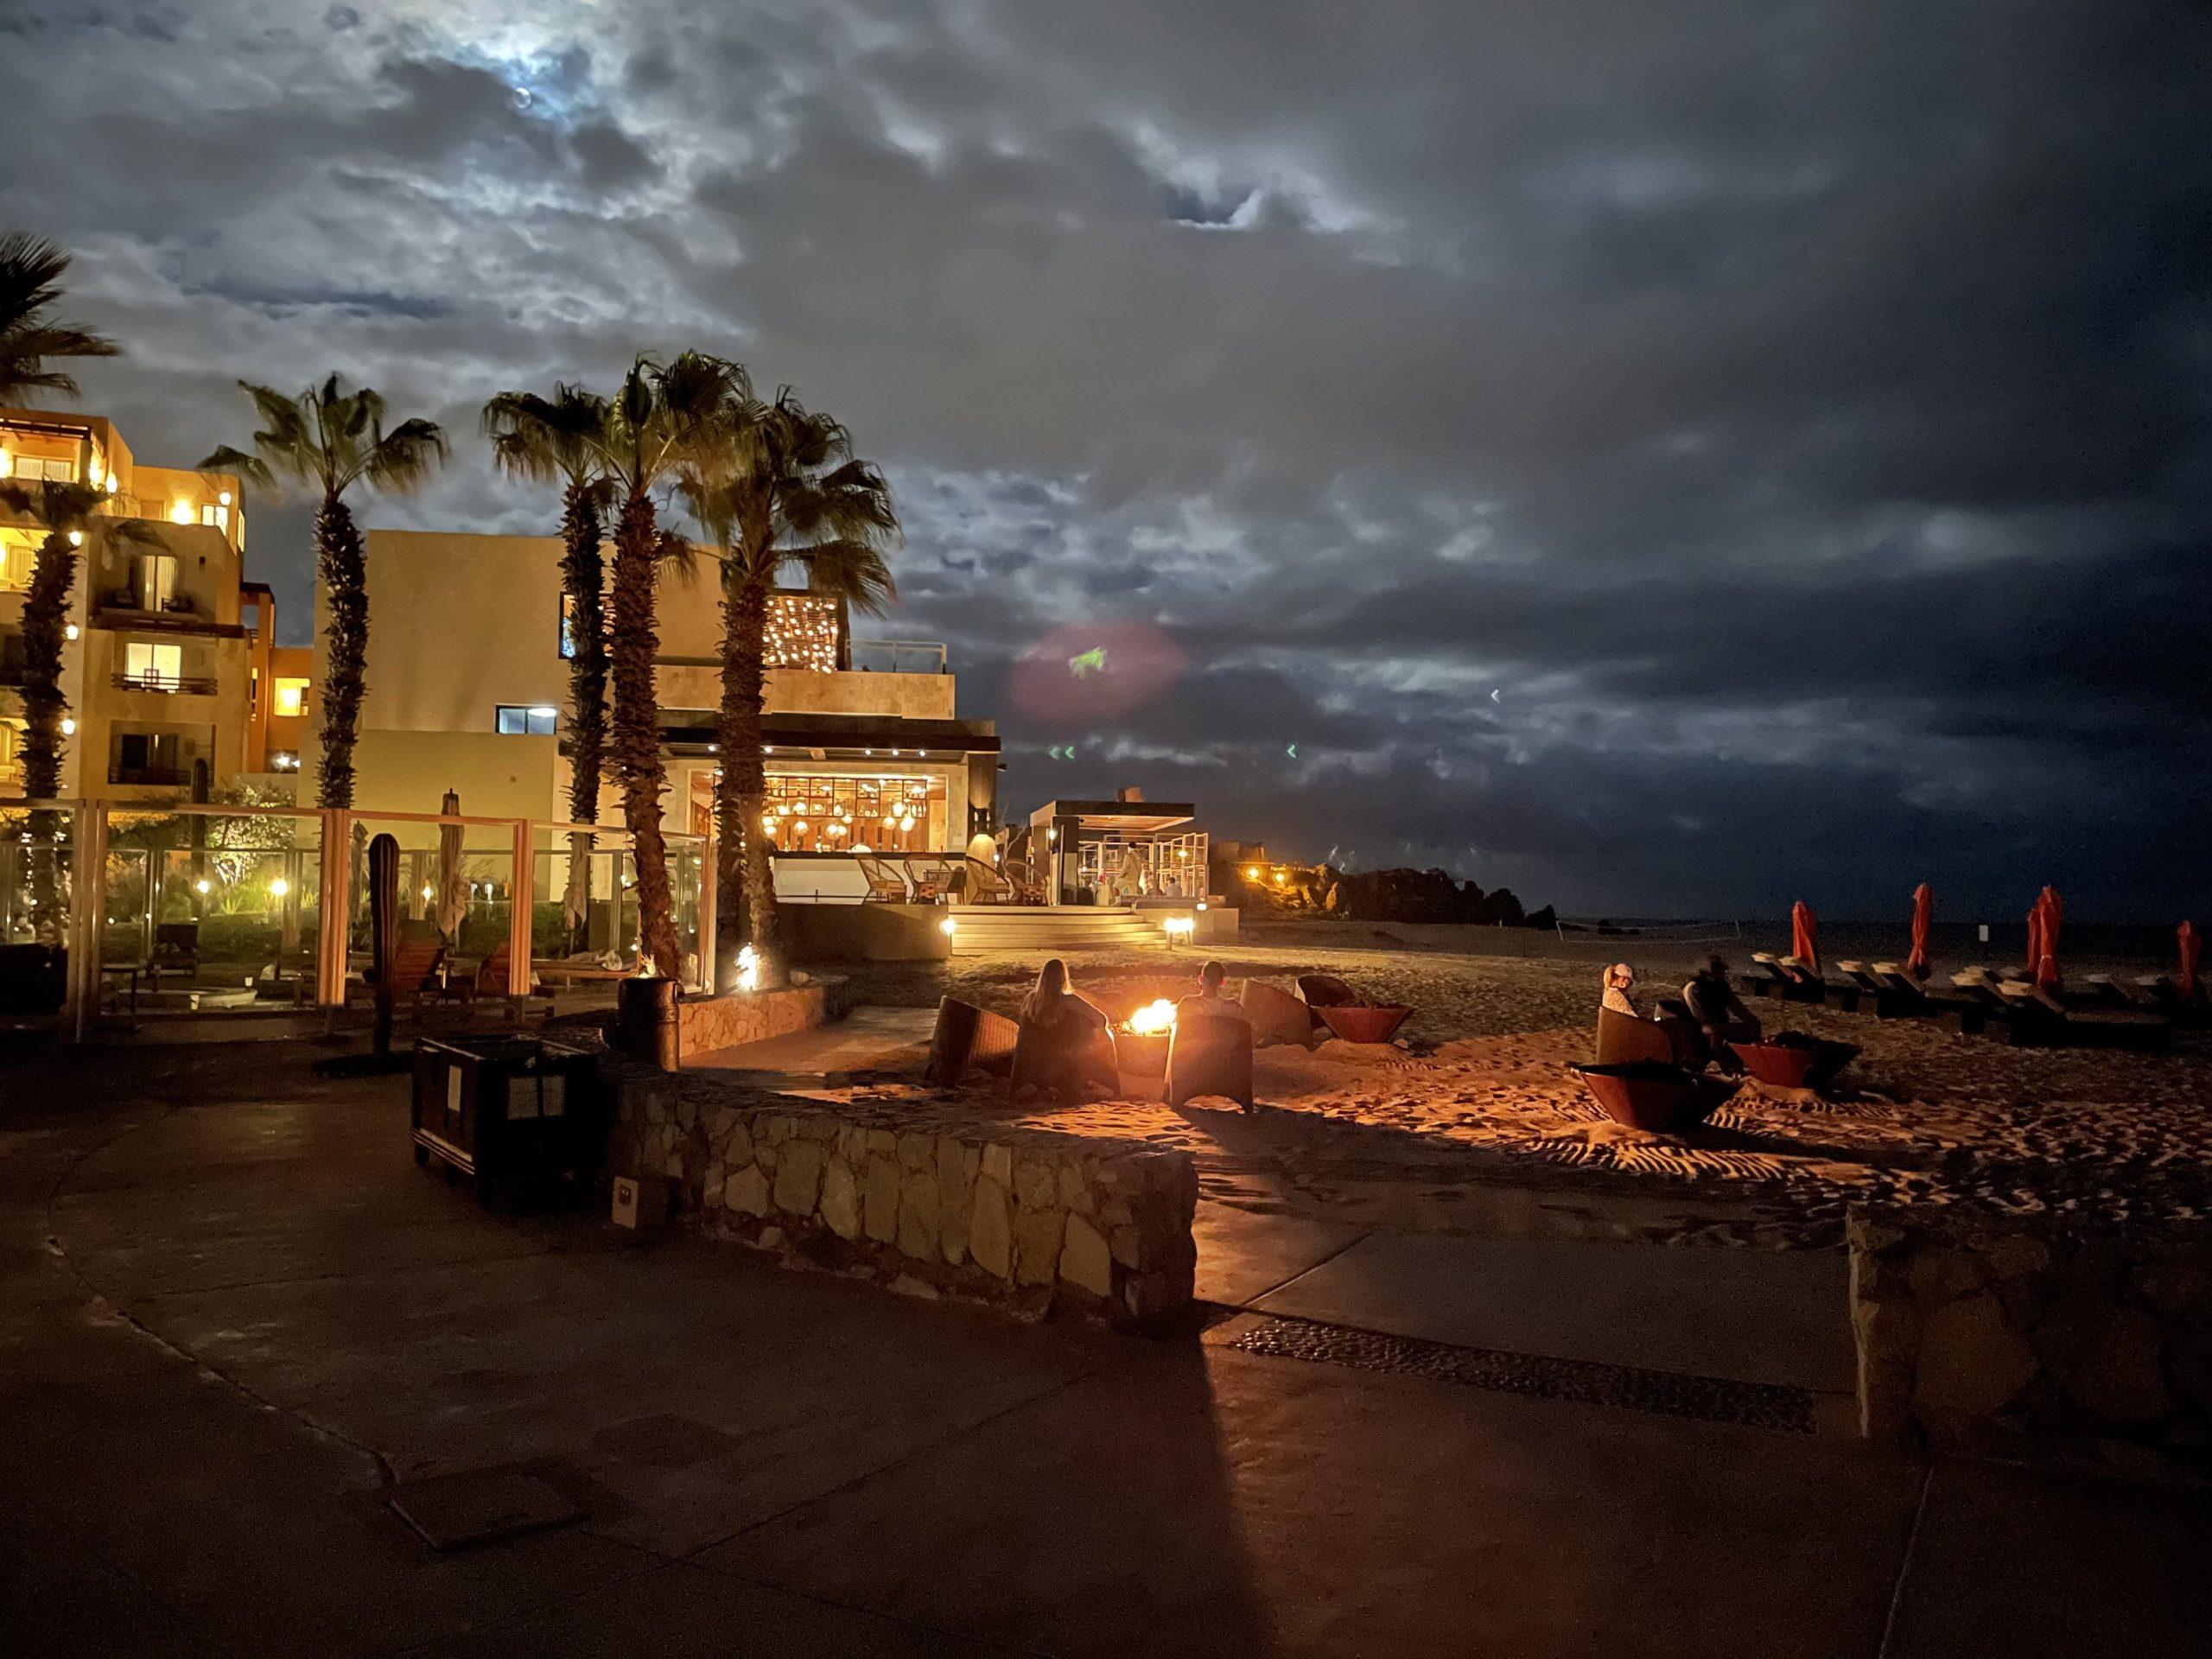 【ロスカボス】Pueblo Bonito Pacificaホテル宿泊レビュー【アダルトオンリー】